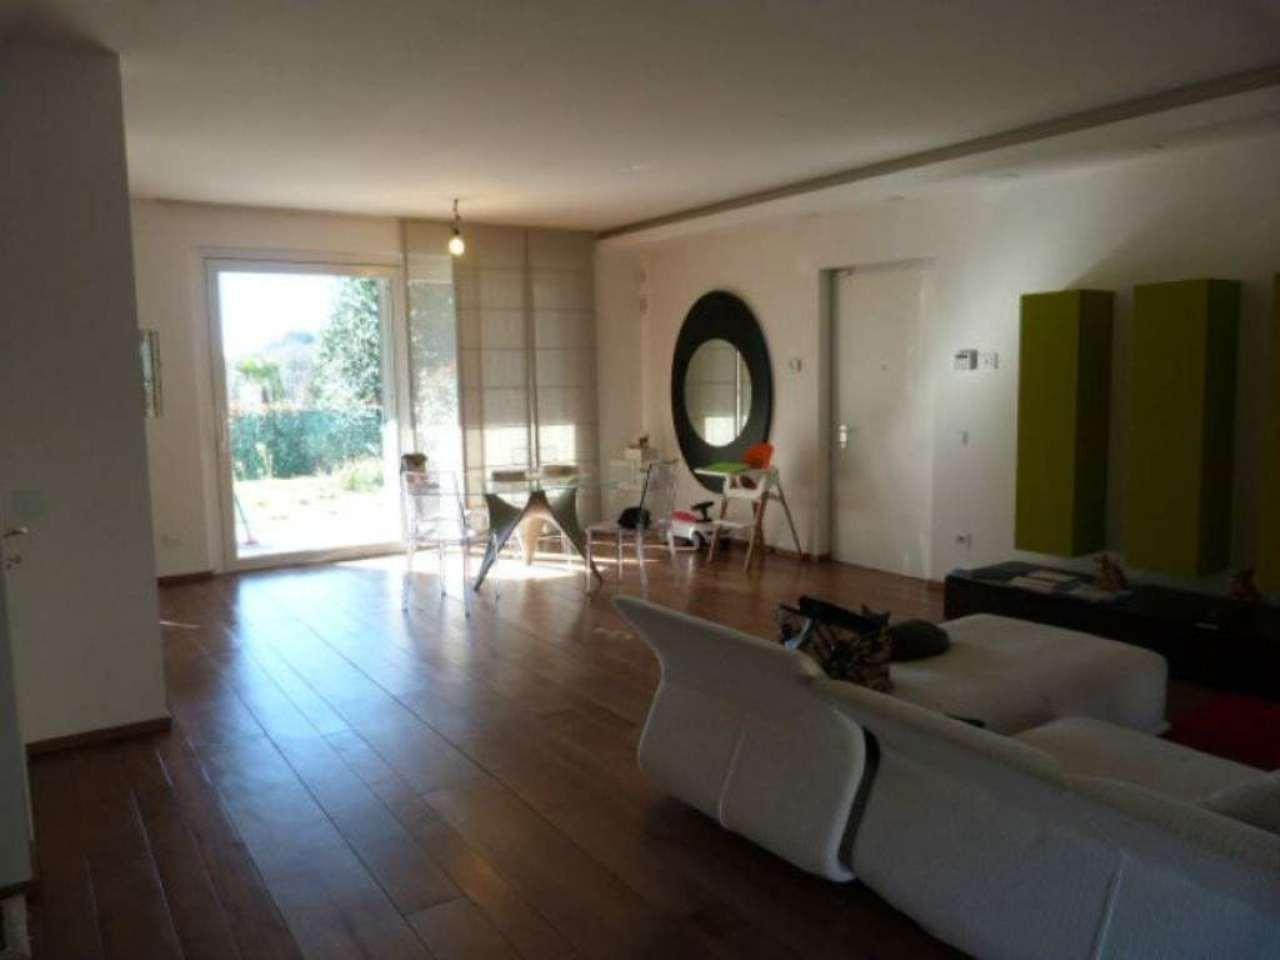 Villa in vendita a Montano Lucino, 5 locali, prezzo € 495.000 | CambioCasa.it